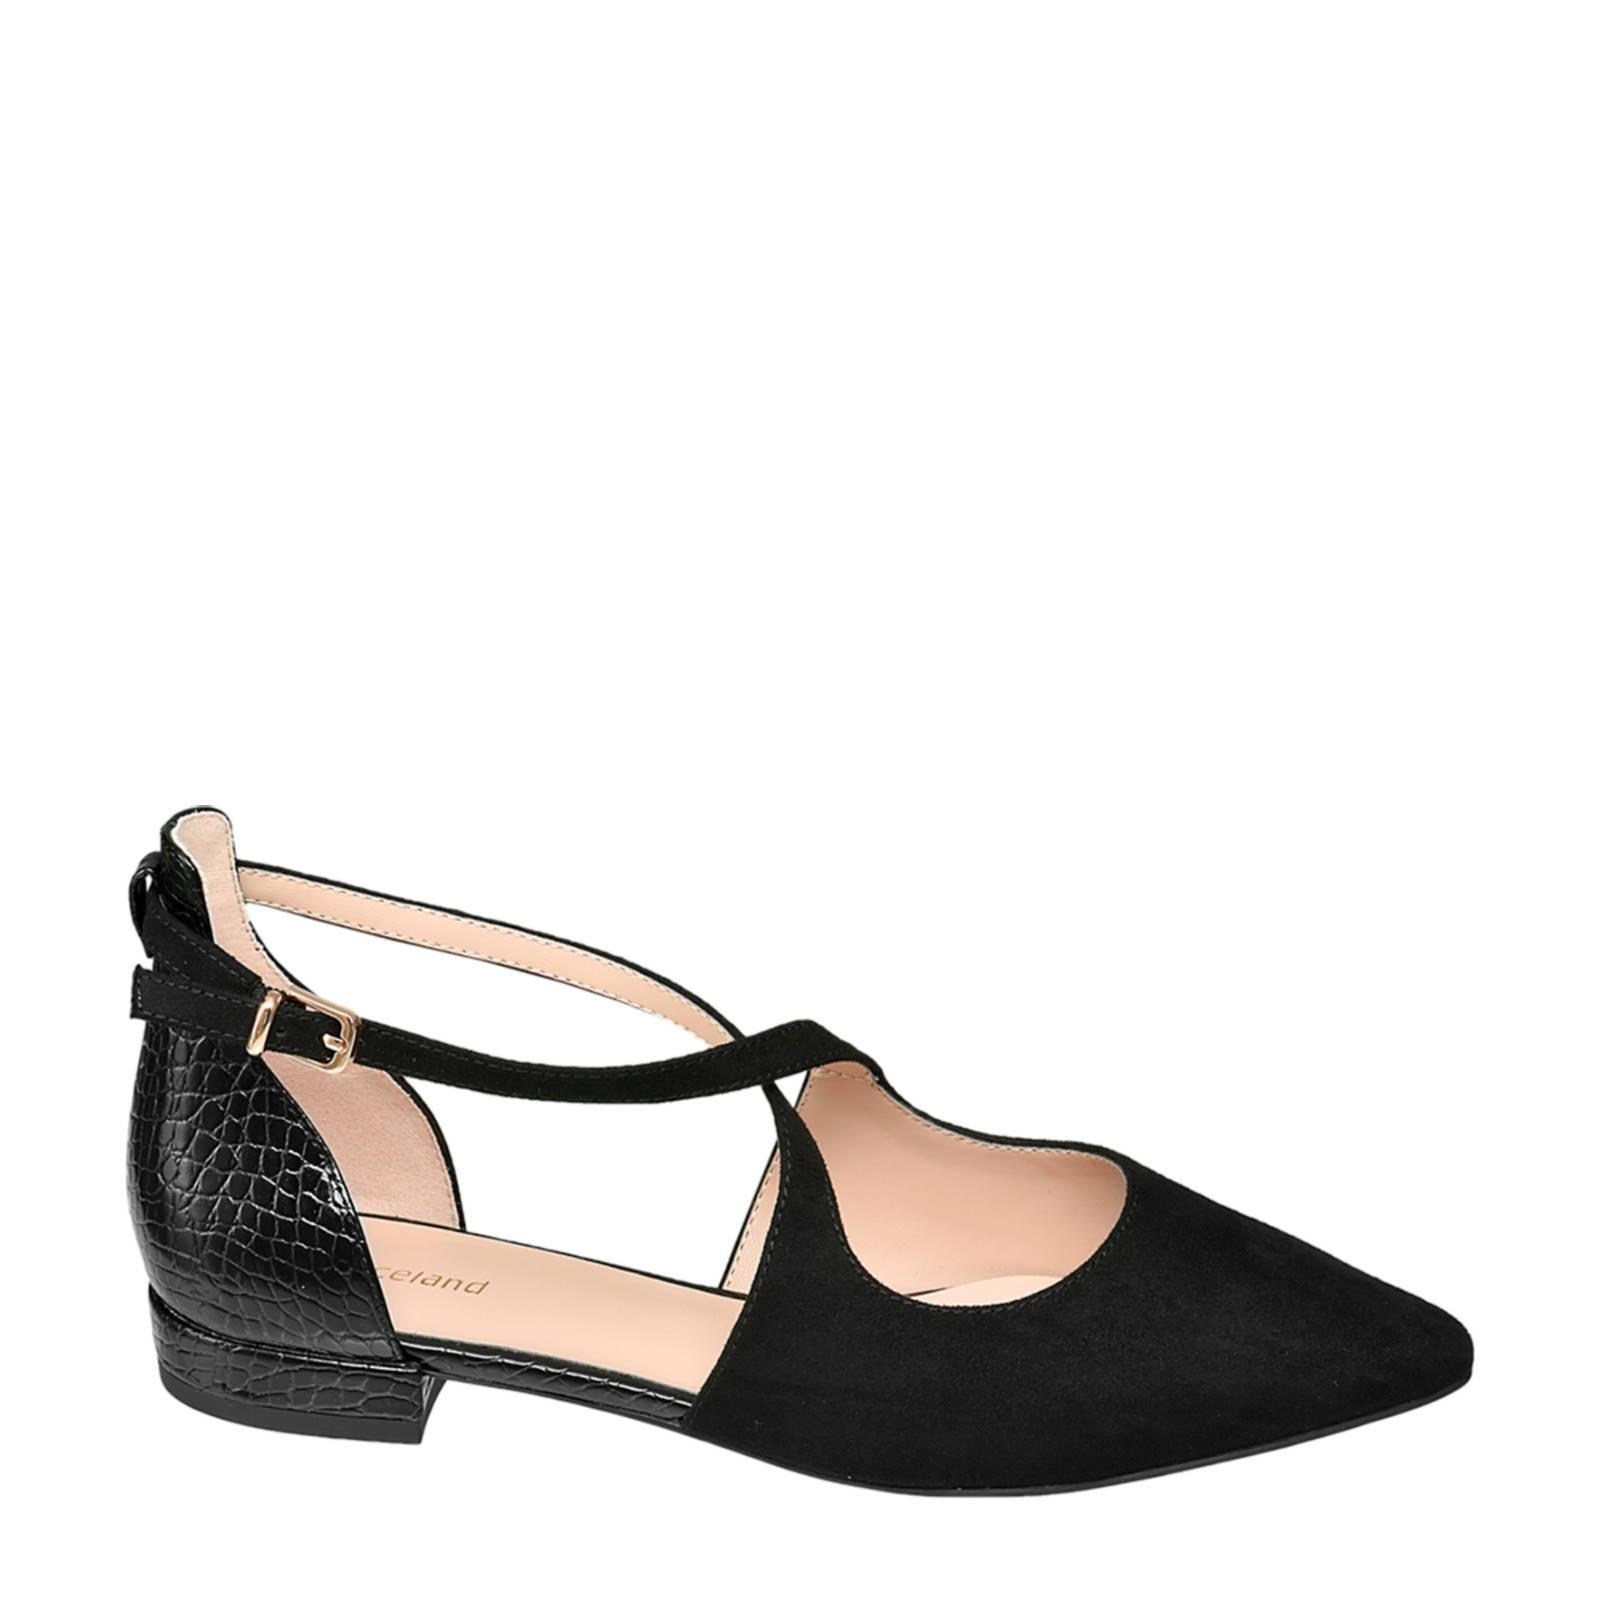 Graceland Schoenen online kopen? Vergelijk op Schoenen.nl